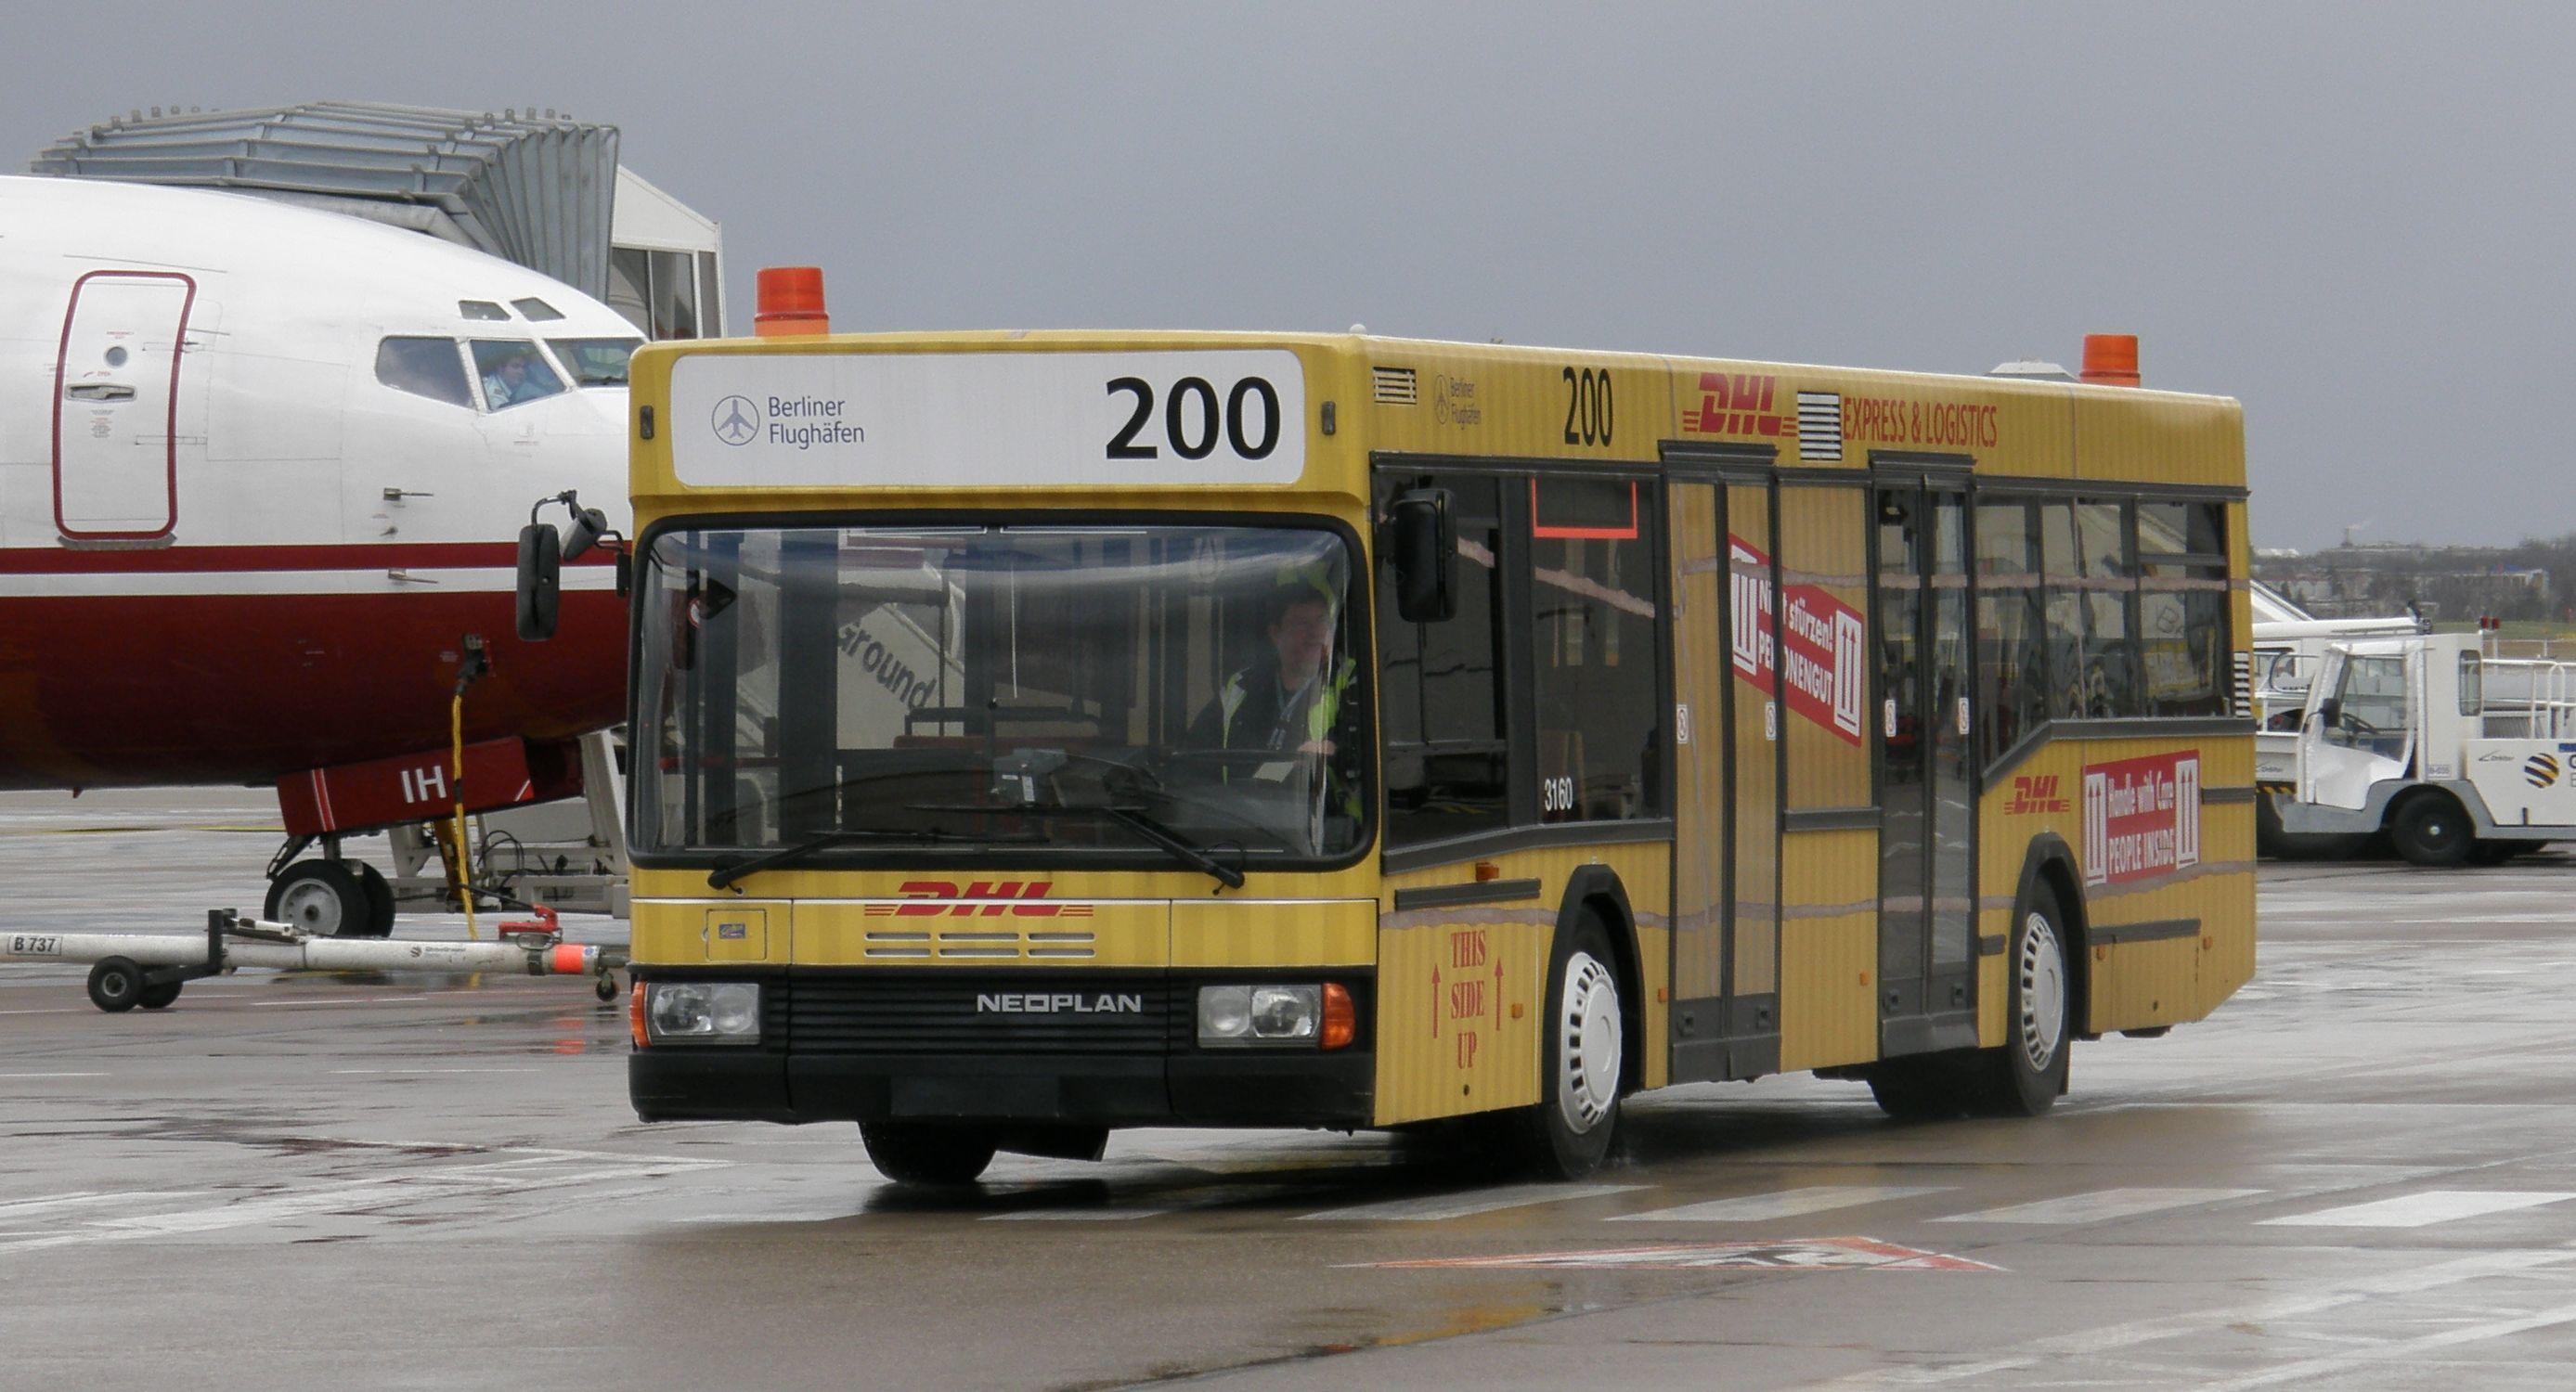 bus transport in berlin. Black Bedroom Furniture Sets. Home Design Ideas